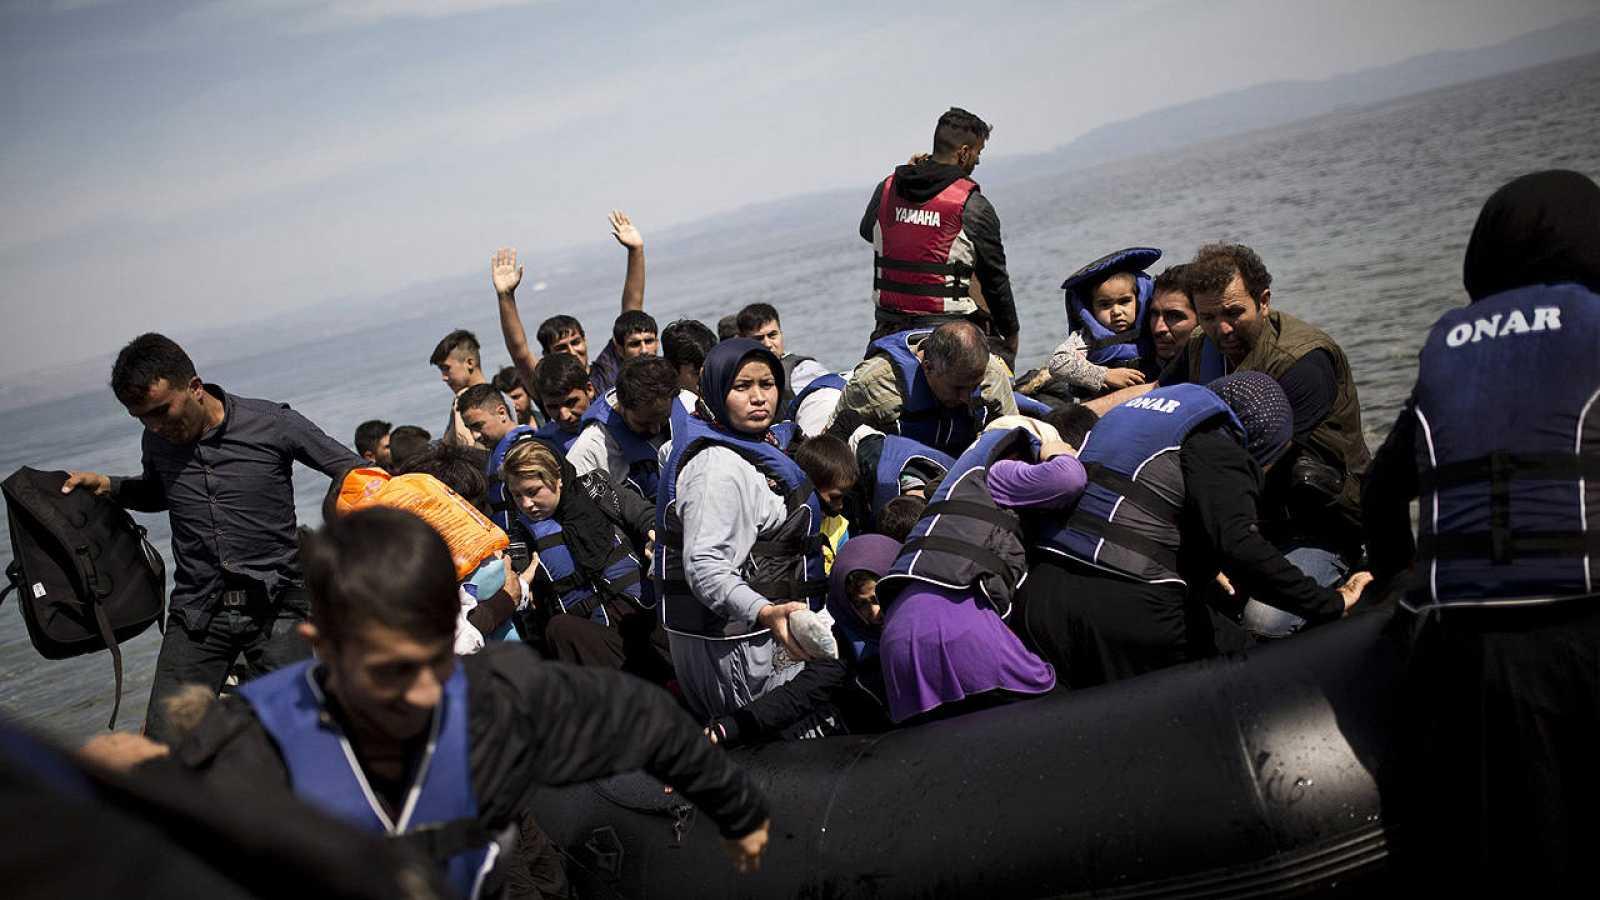 Un grupo de refugiados afganos llegan a la isla griega de Lesbos.